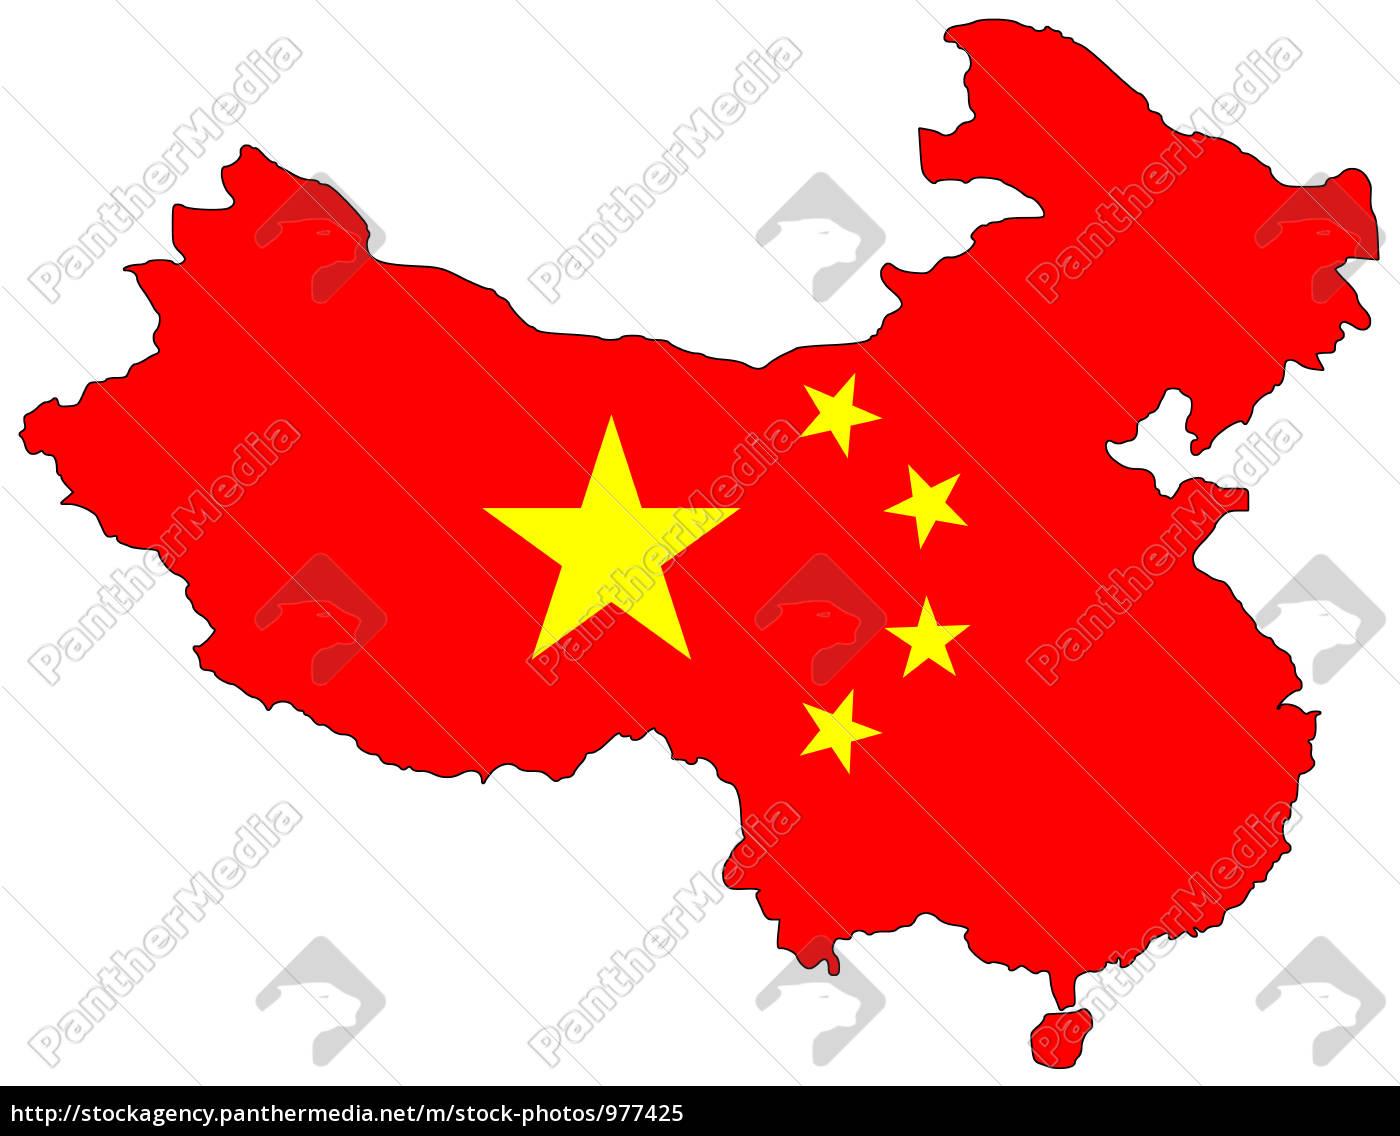 Kort Over Folkerepublikken Kina Royalty Free Image 977425